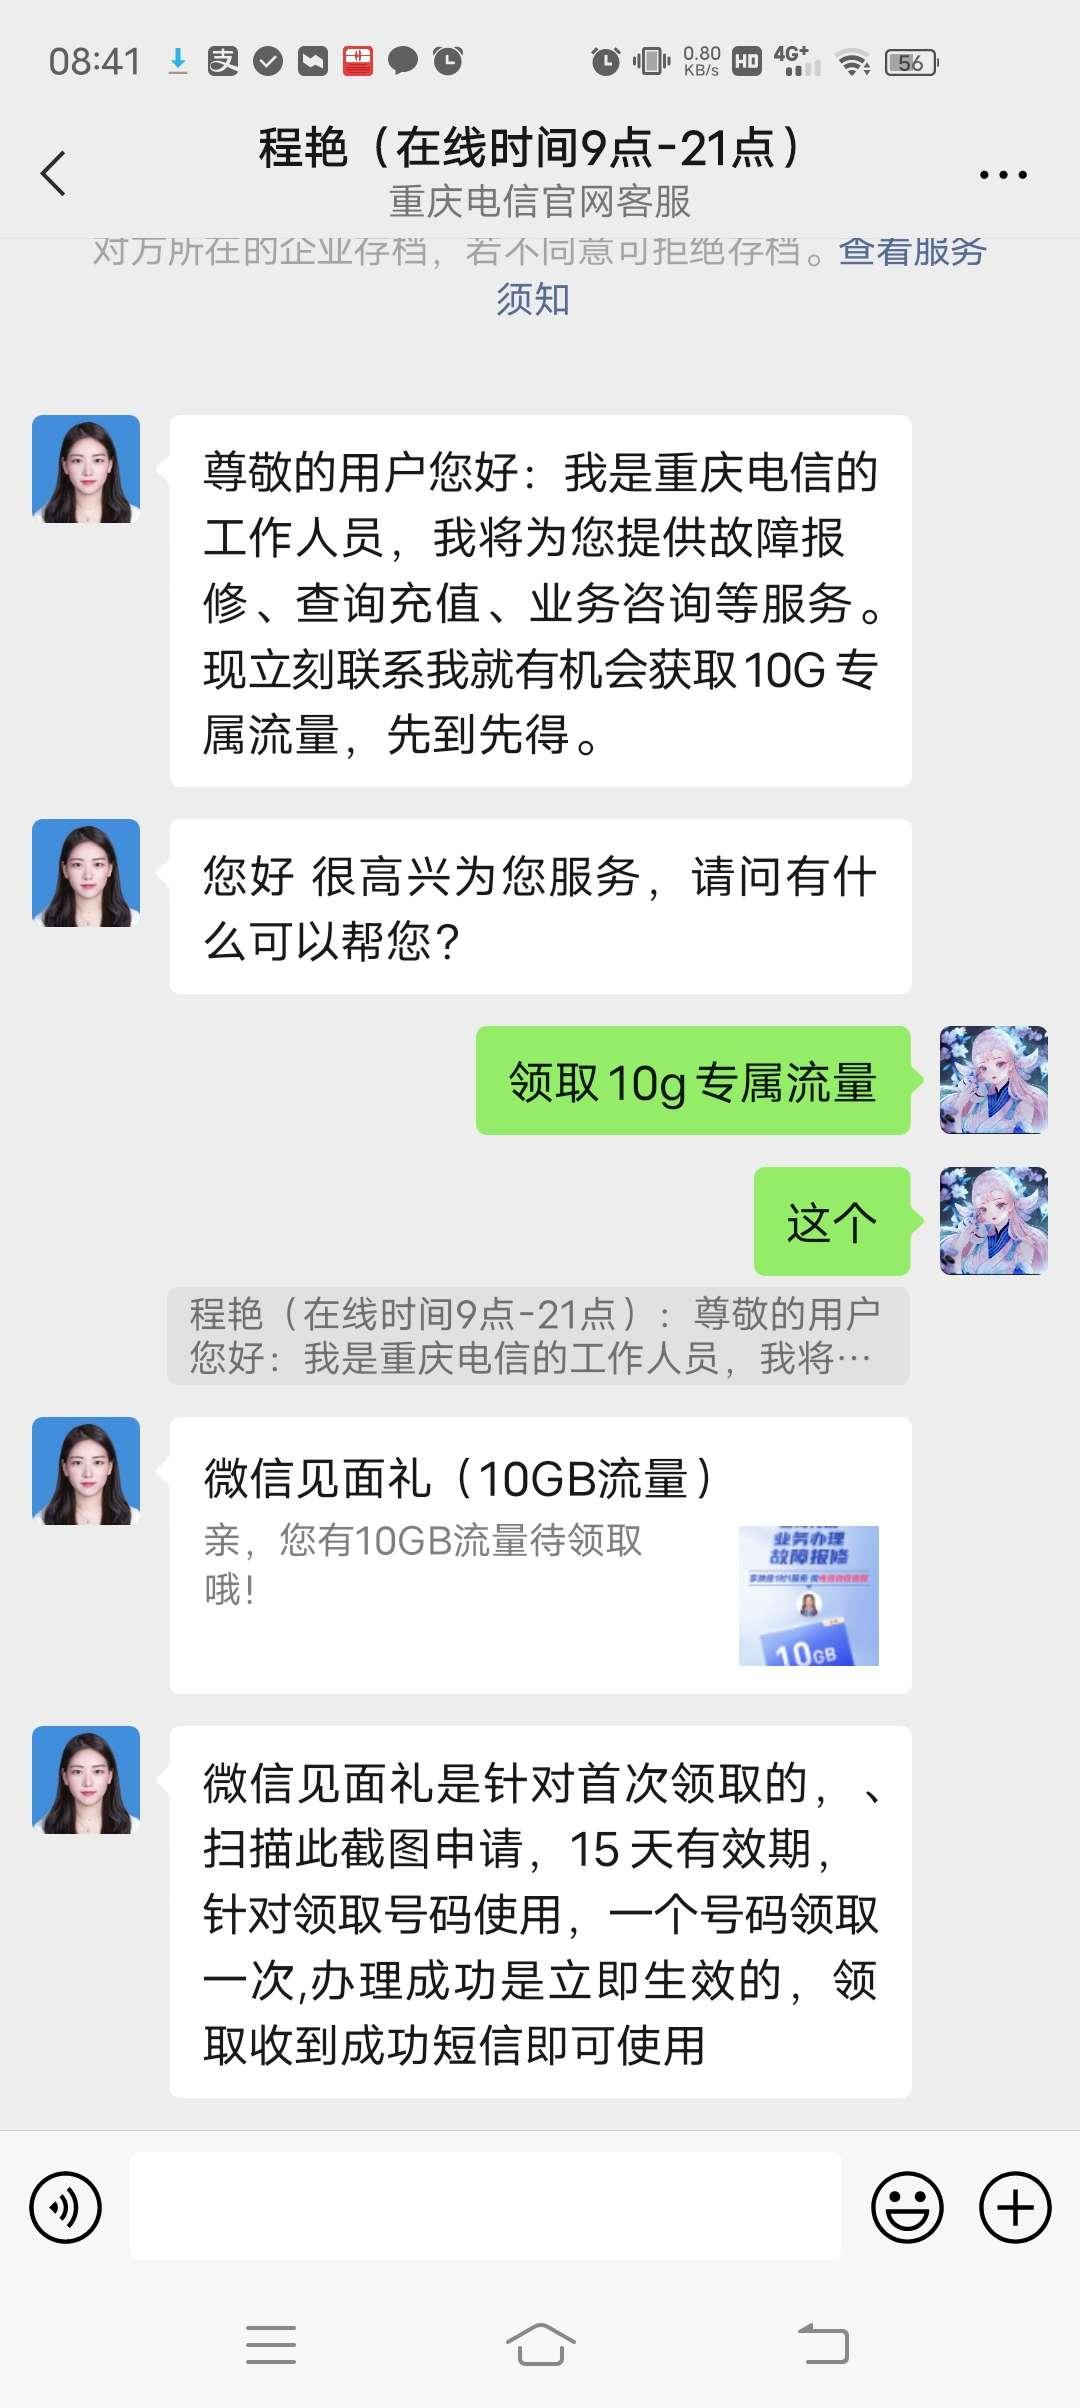 必领重庆电信10g通用流量